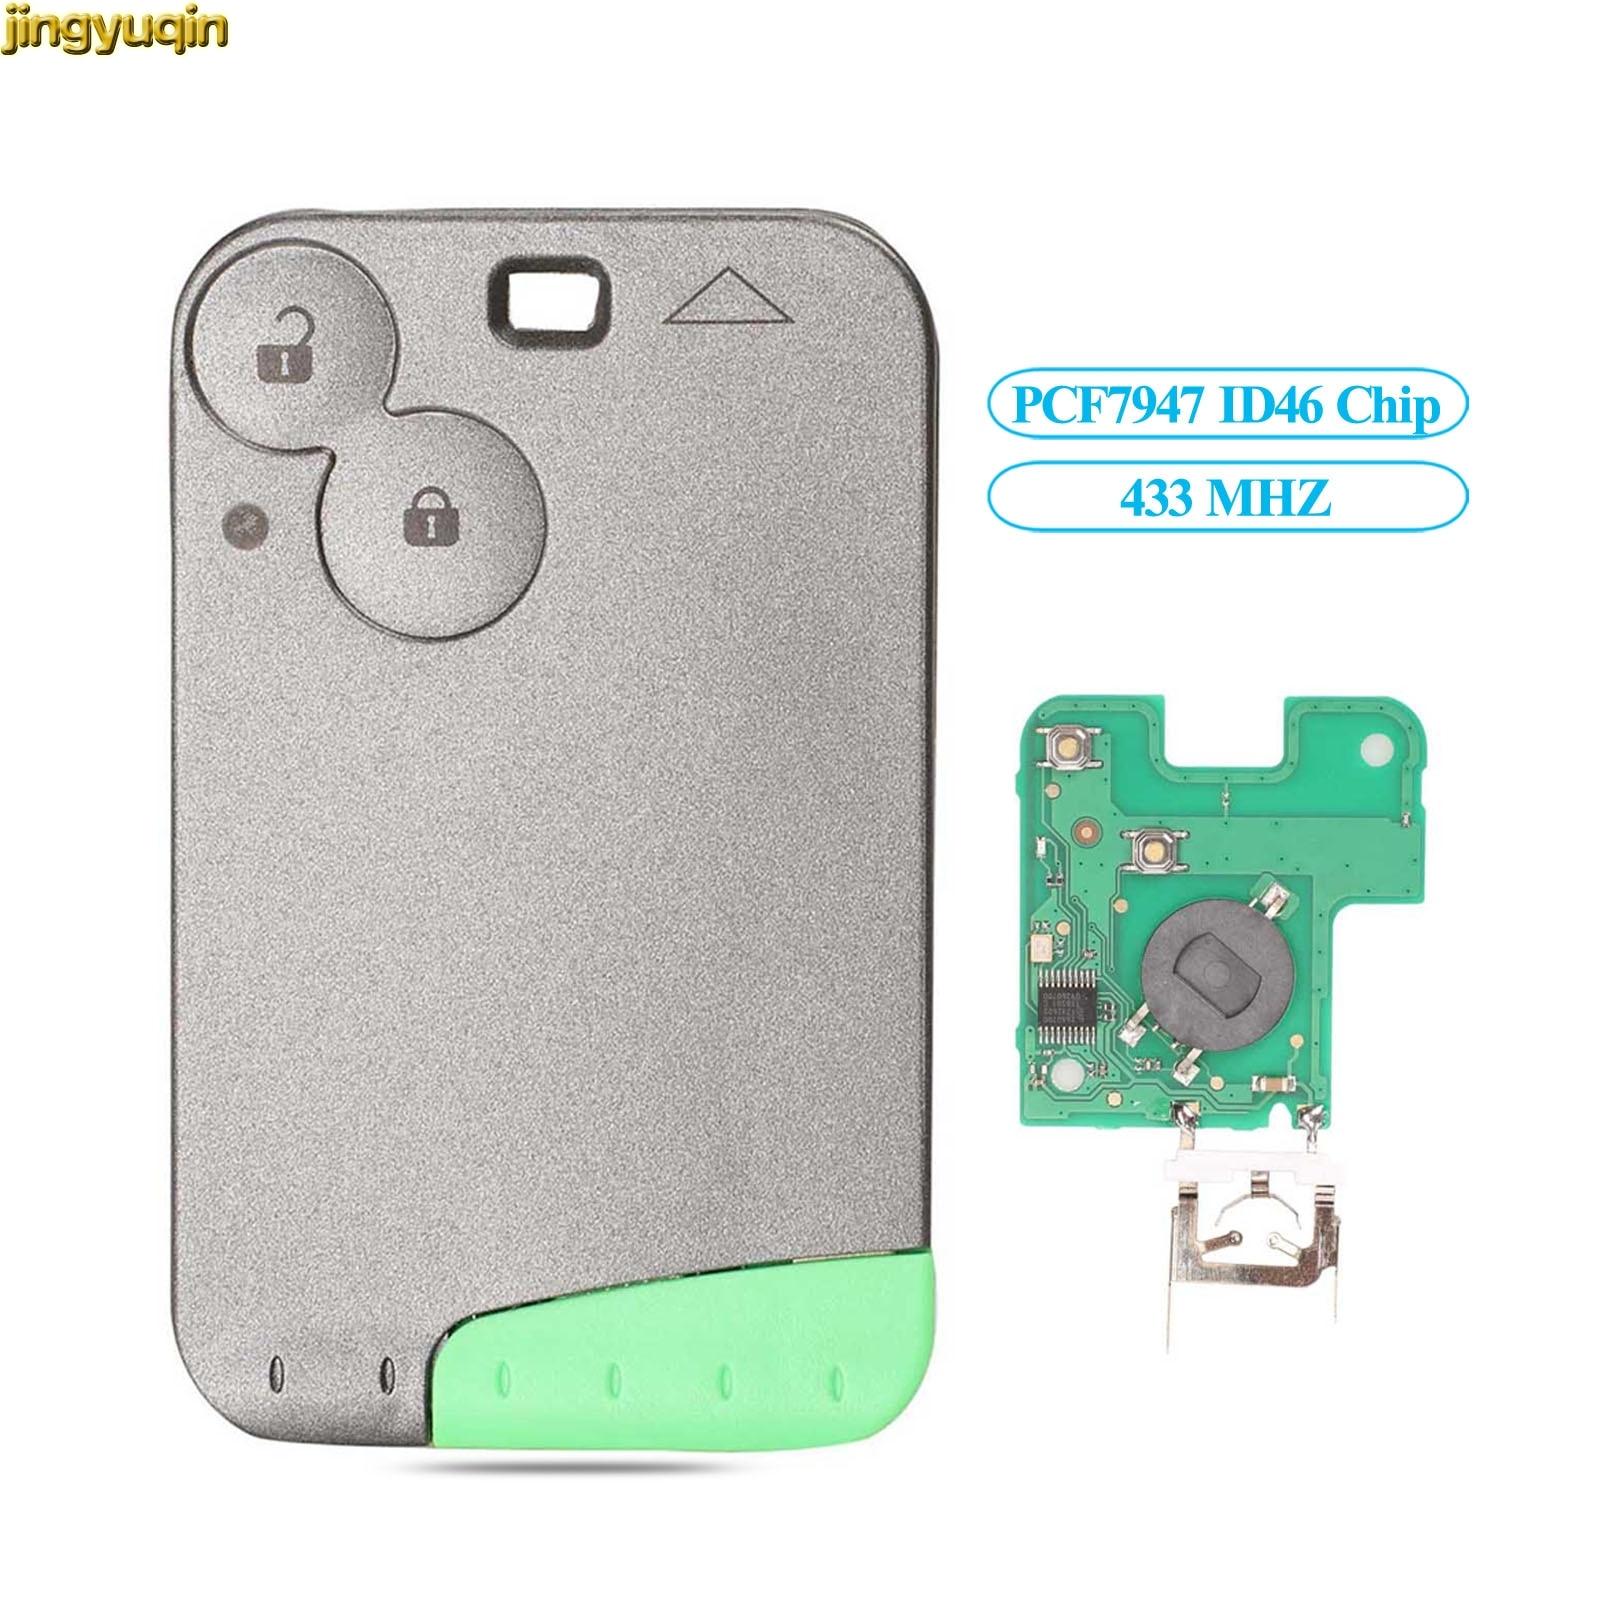 Jingyuqin смарт-карта ключ управления PCF7947 ID46 чип 433 МГц подходит для Renault Лагуна Espace 2001-2006 автомобильный пульт дистанционного управления без ключа